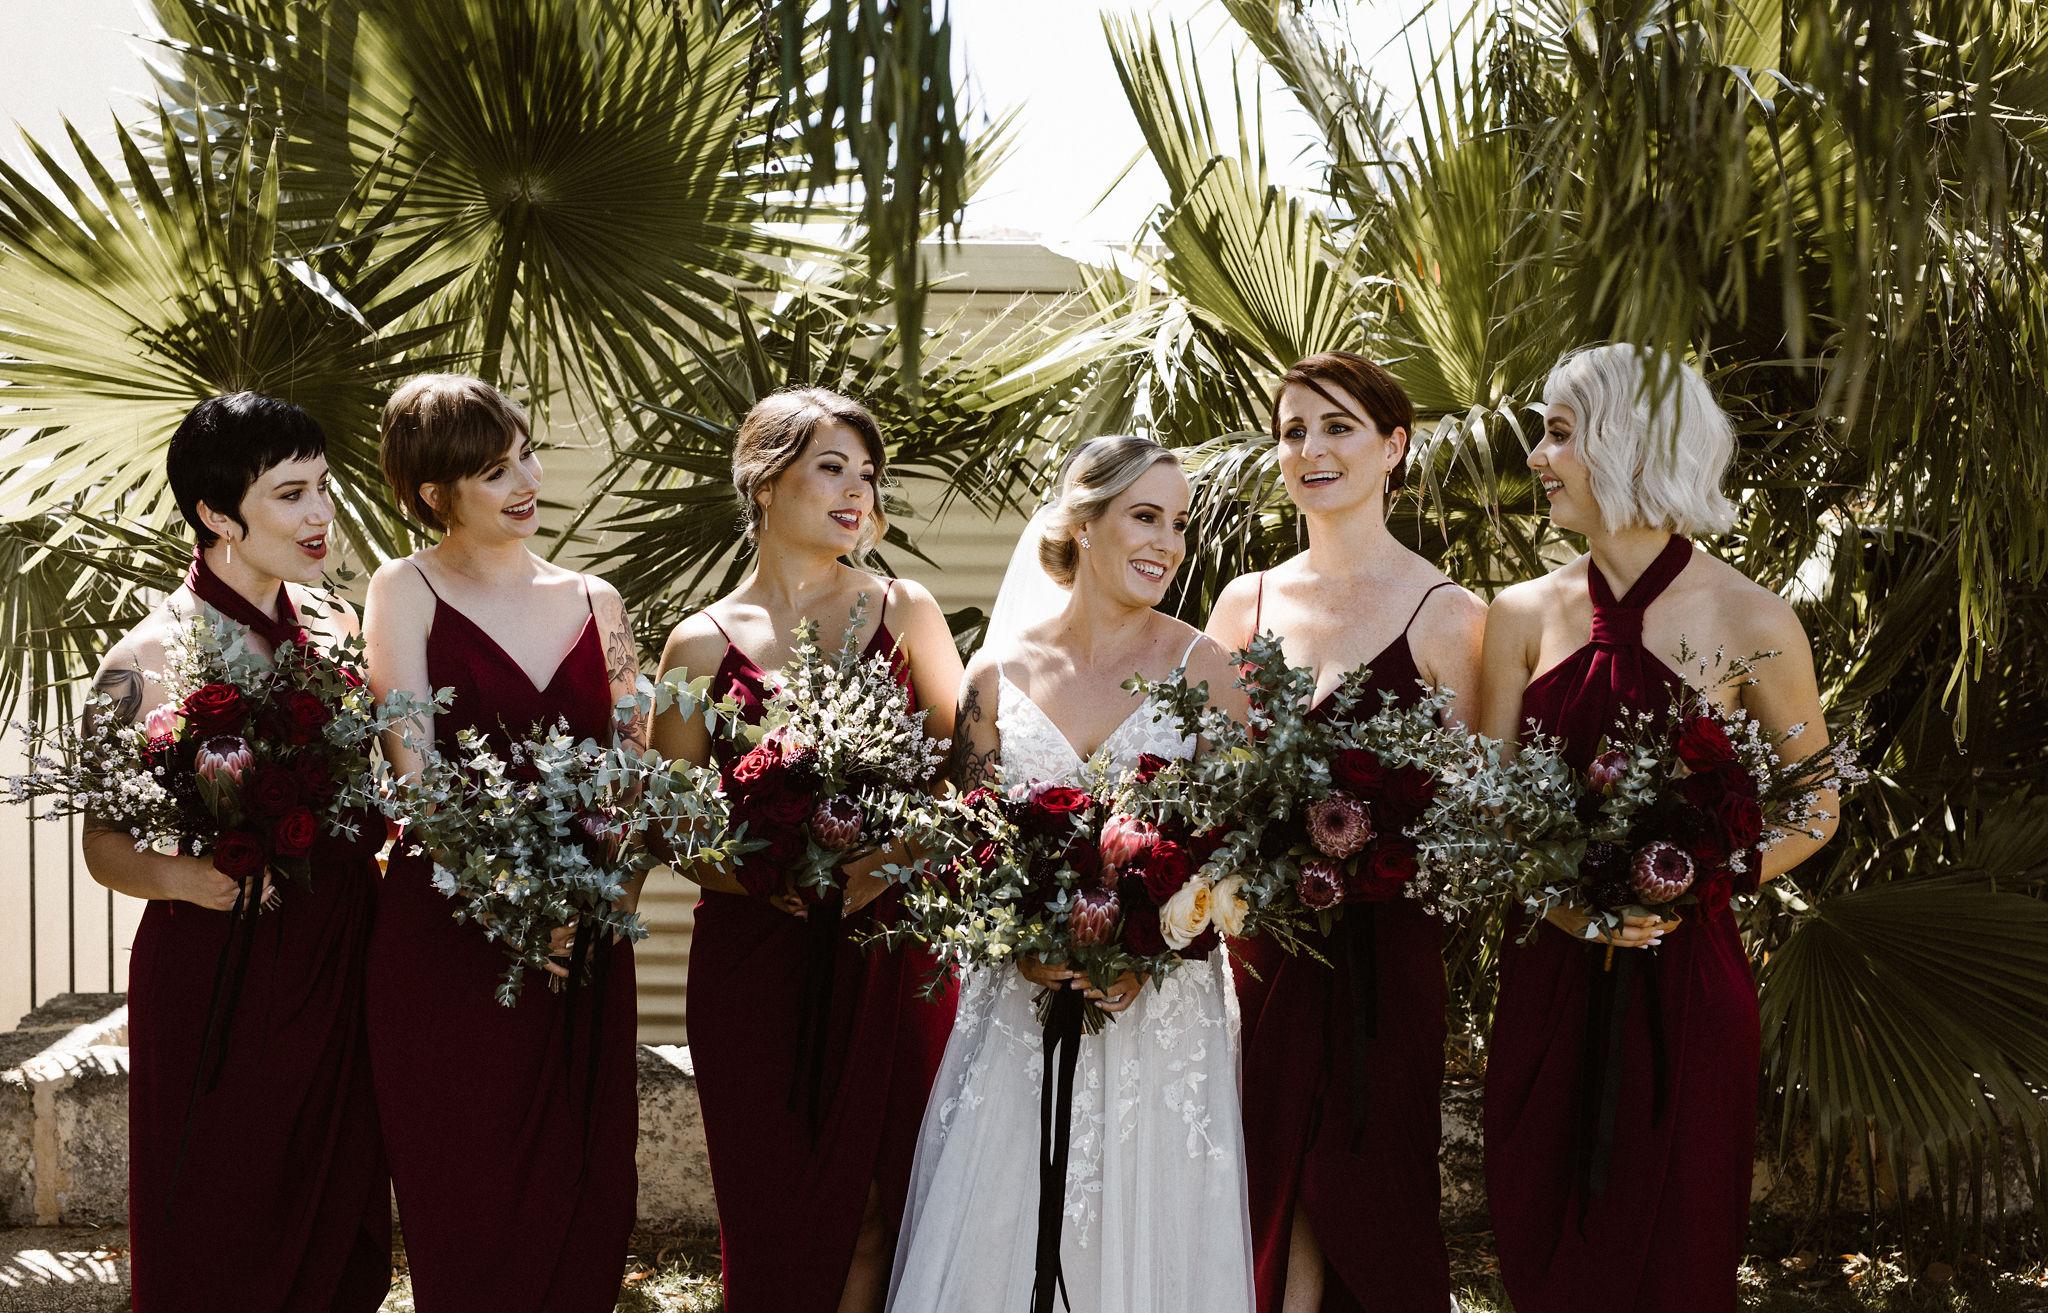 Perth Wedding Bride & Bridesmaids